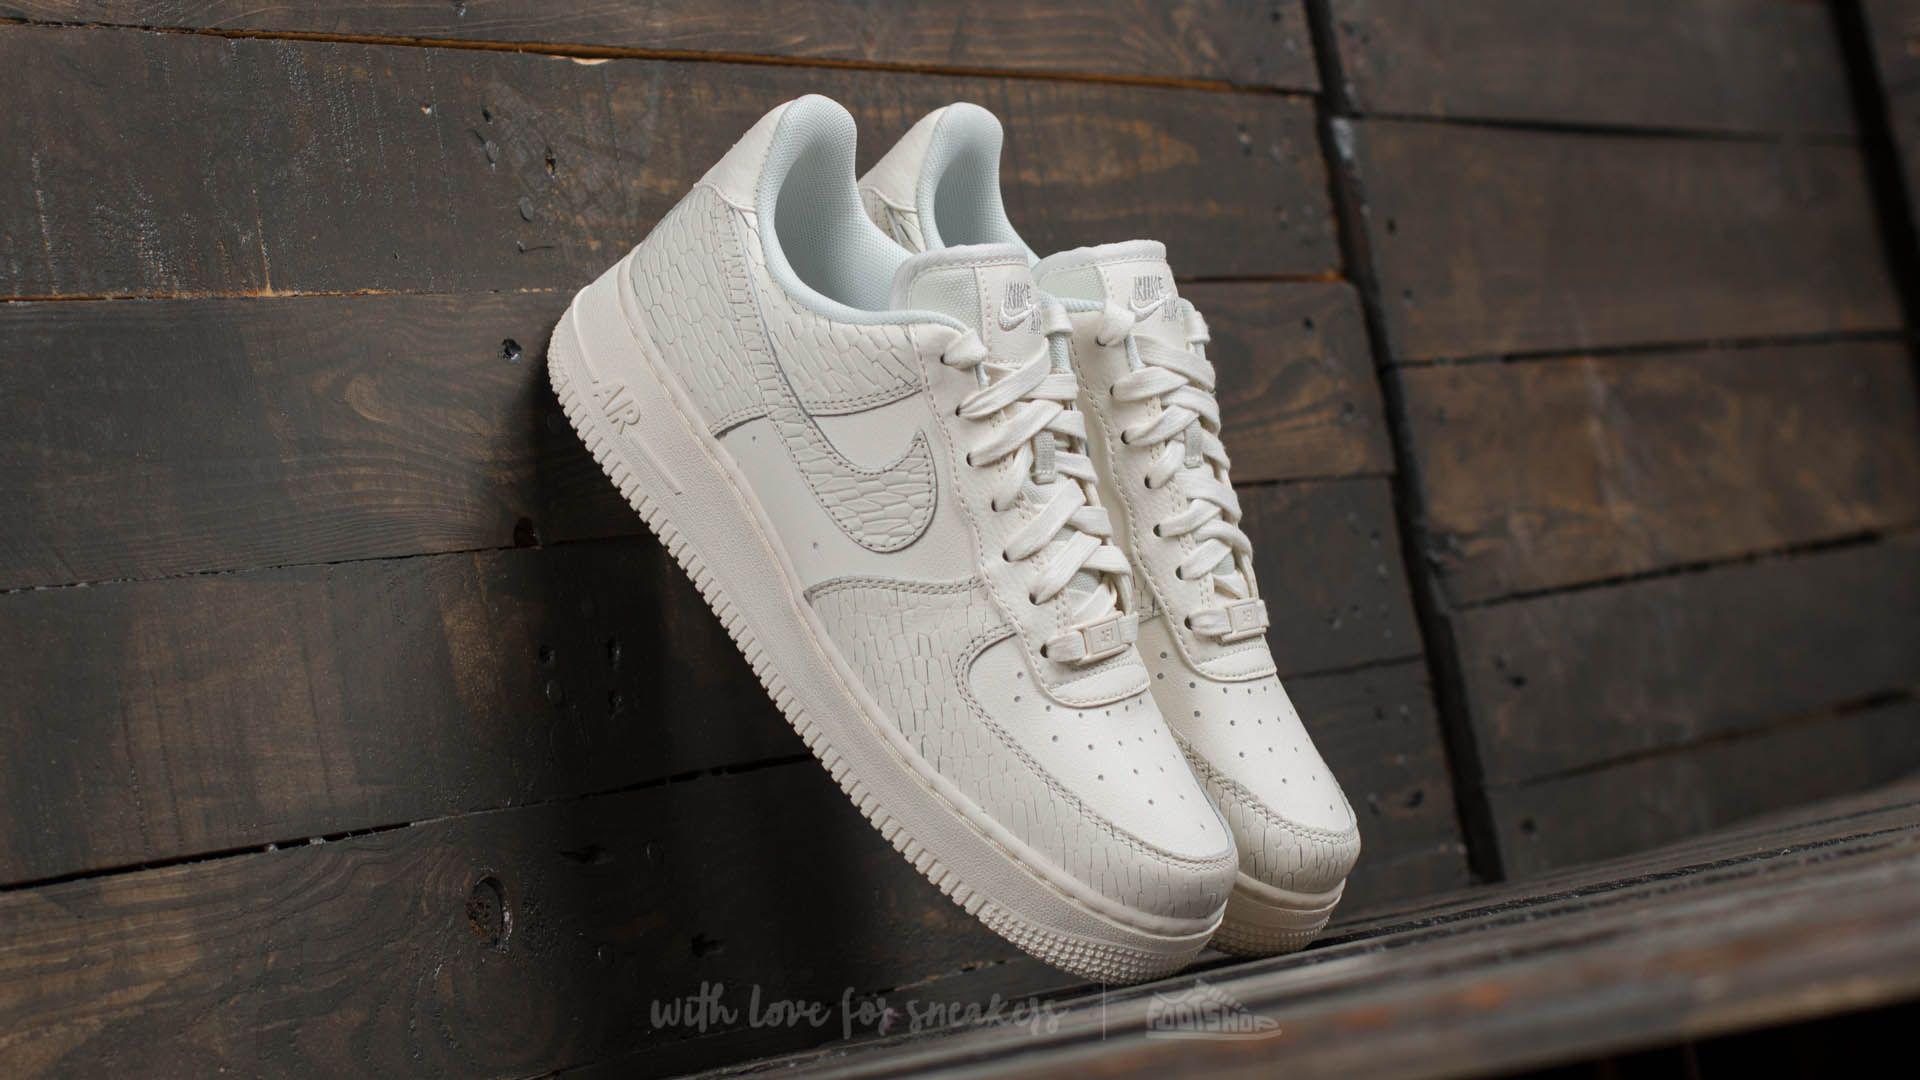 Lyst - Nike Wmns Air Force 1 ́07 Premium Sail  Sail-light Bone-white baf65cc614